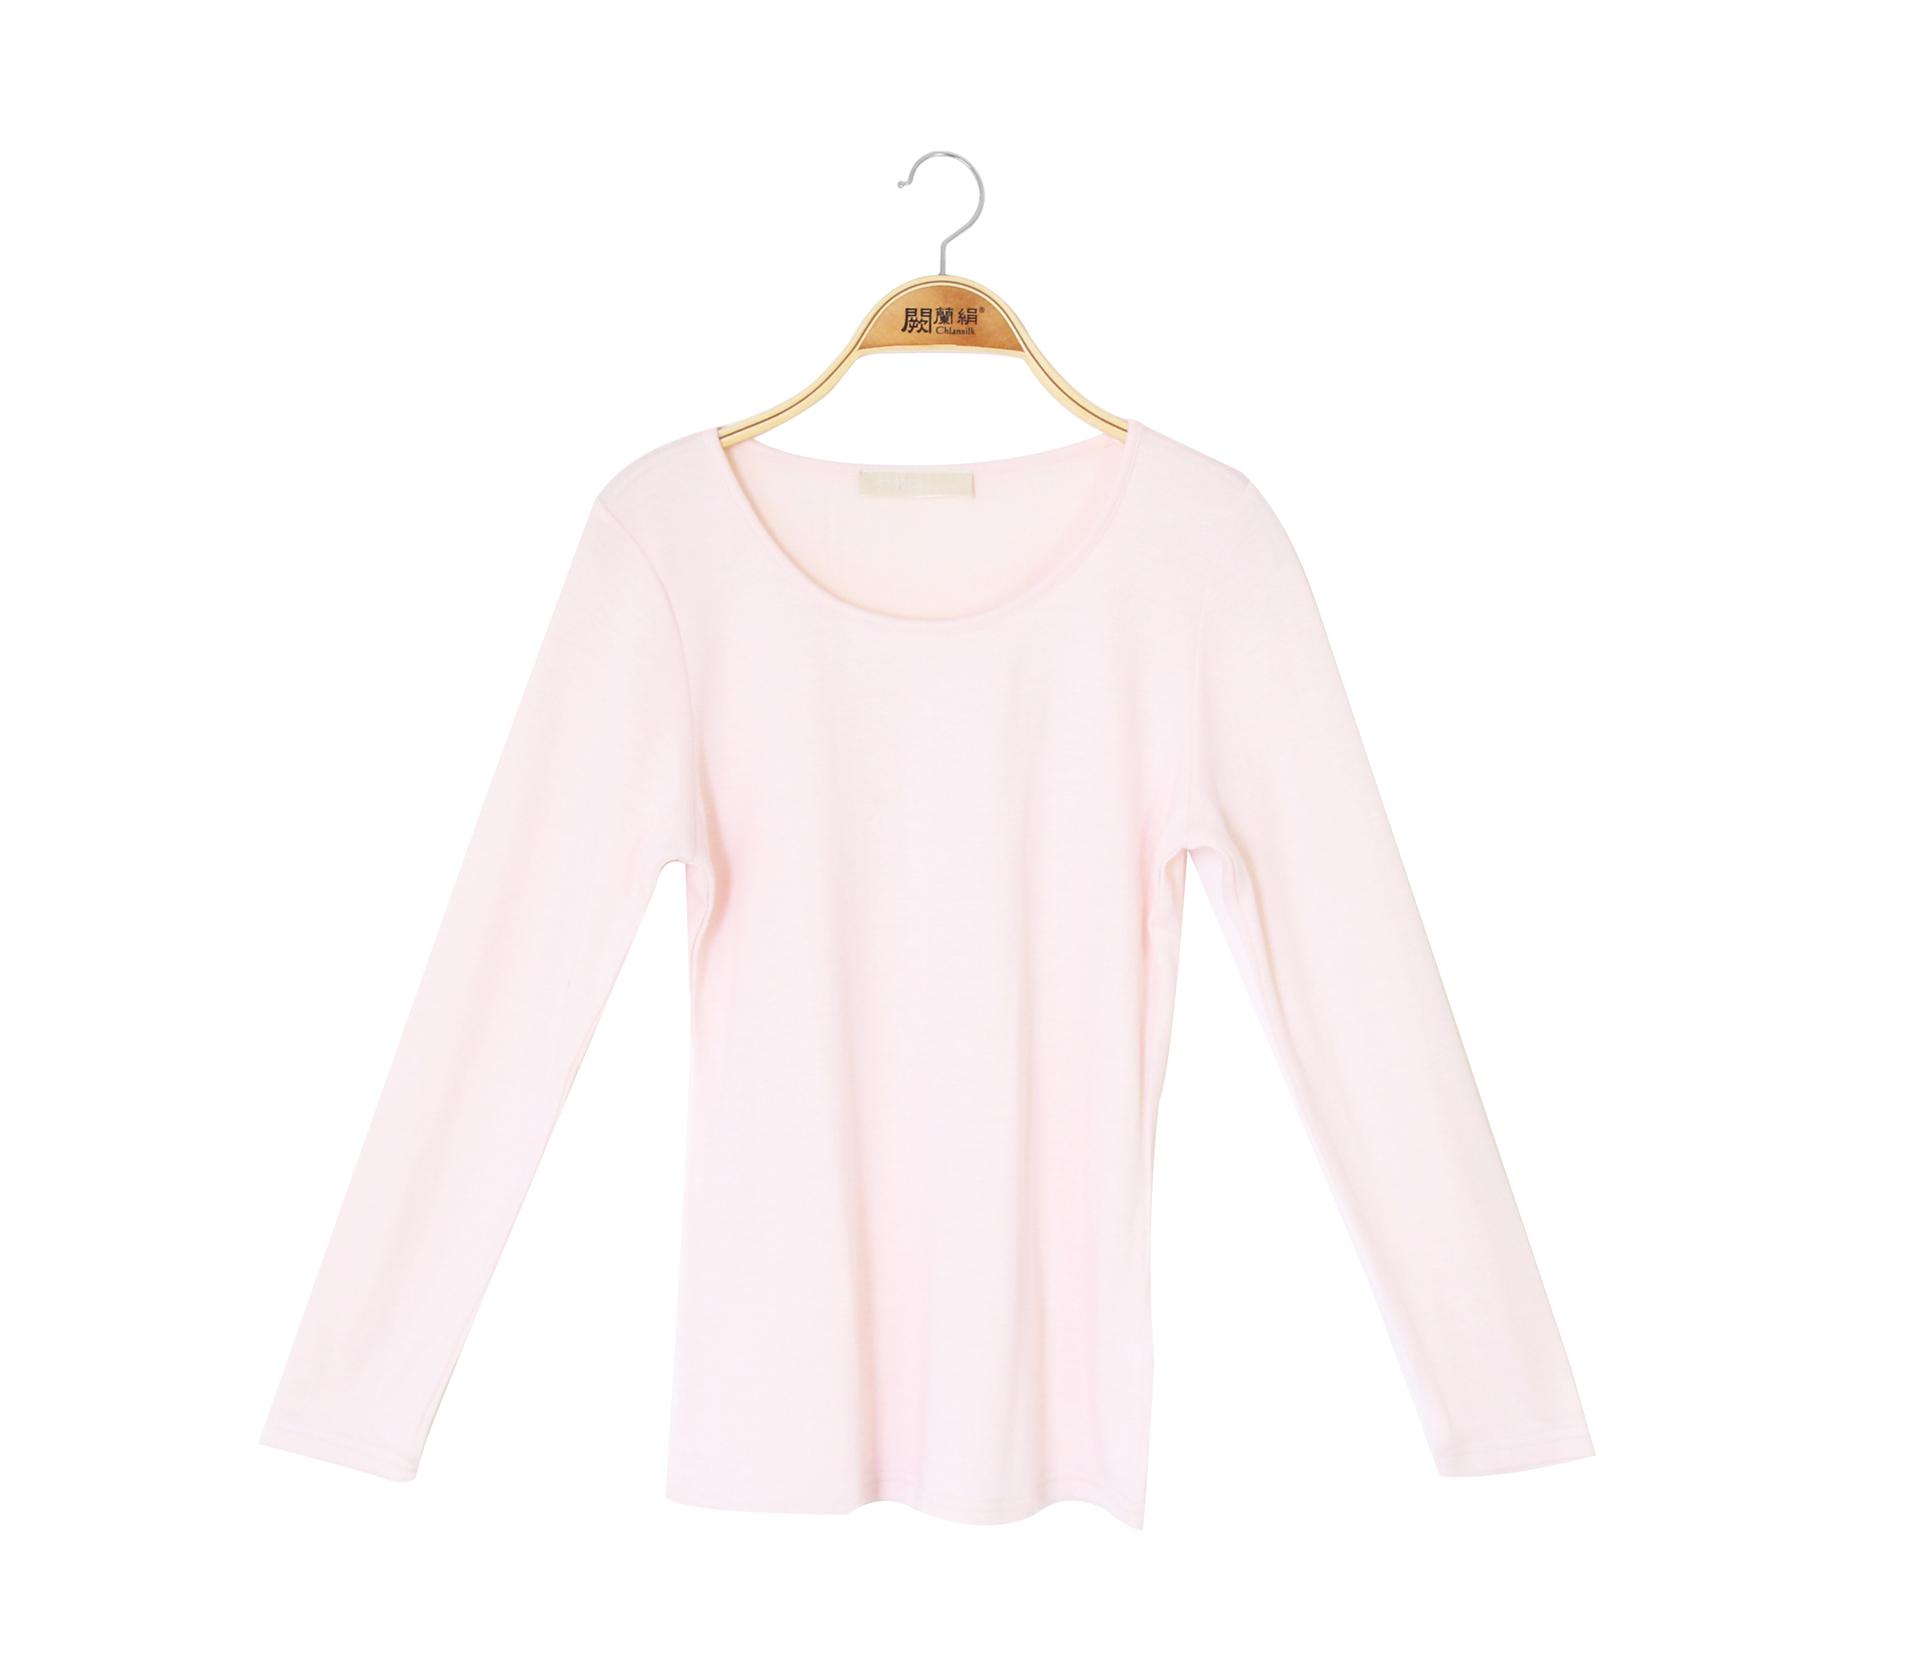 闕蘭絹絲棉長袖衛生衣 - 粉色 - 9922